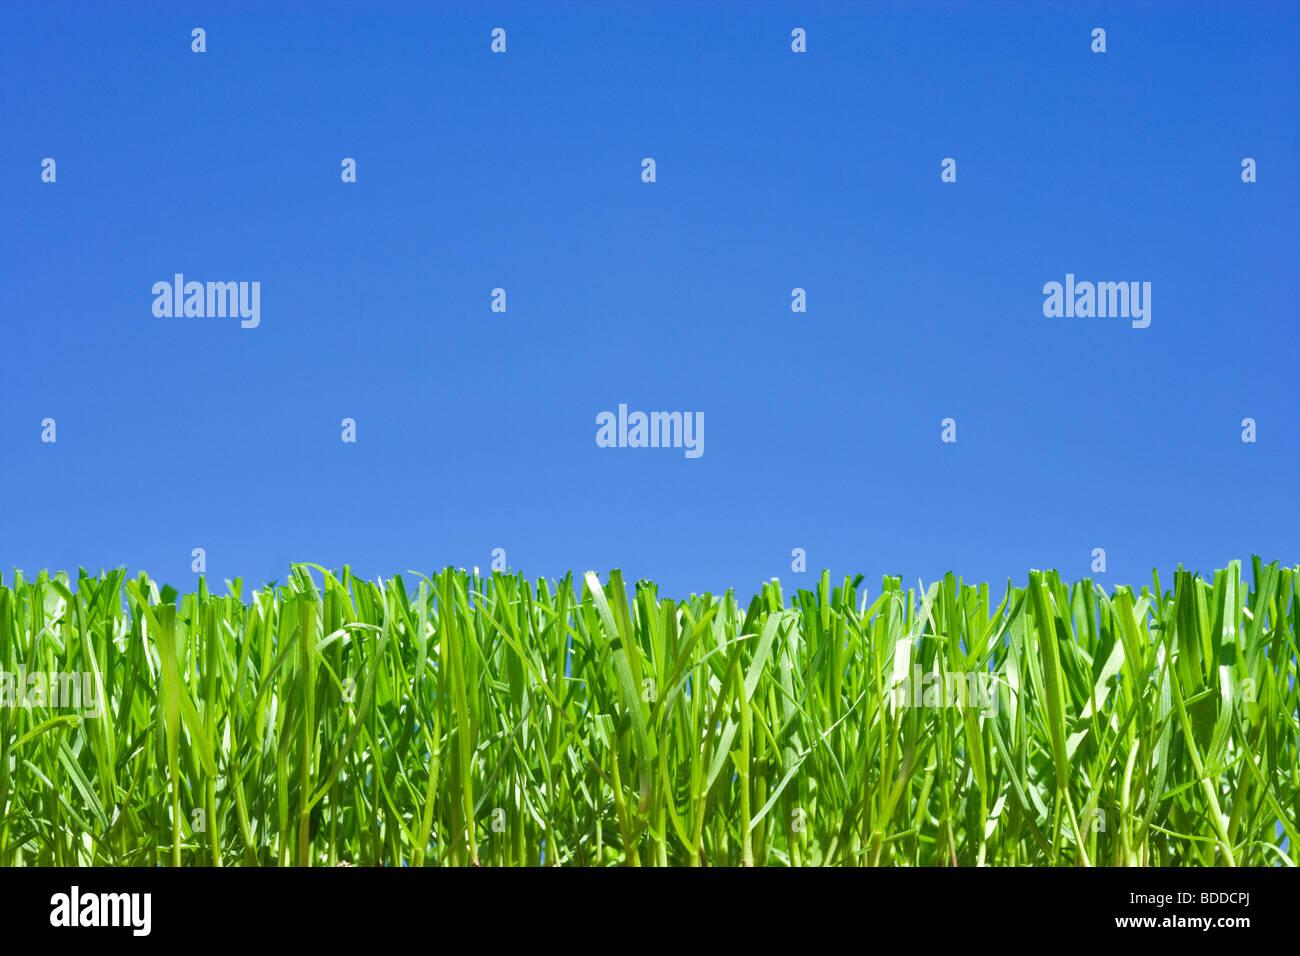 Cortar el césped, bajo ángulo contra el cielo azul liso Imagen De Stock